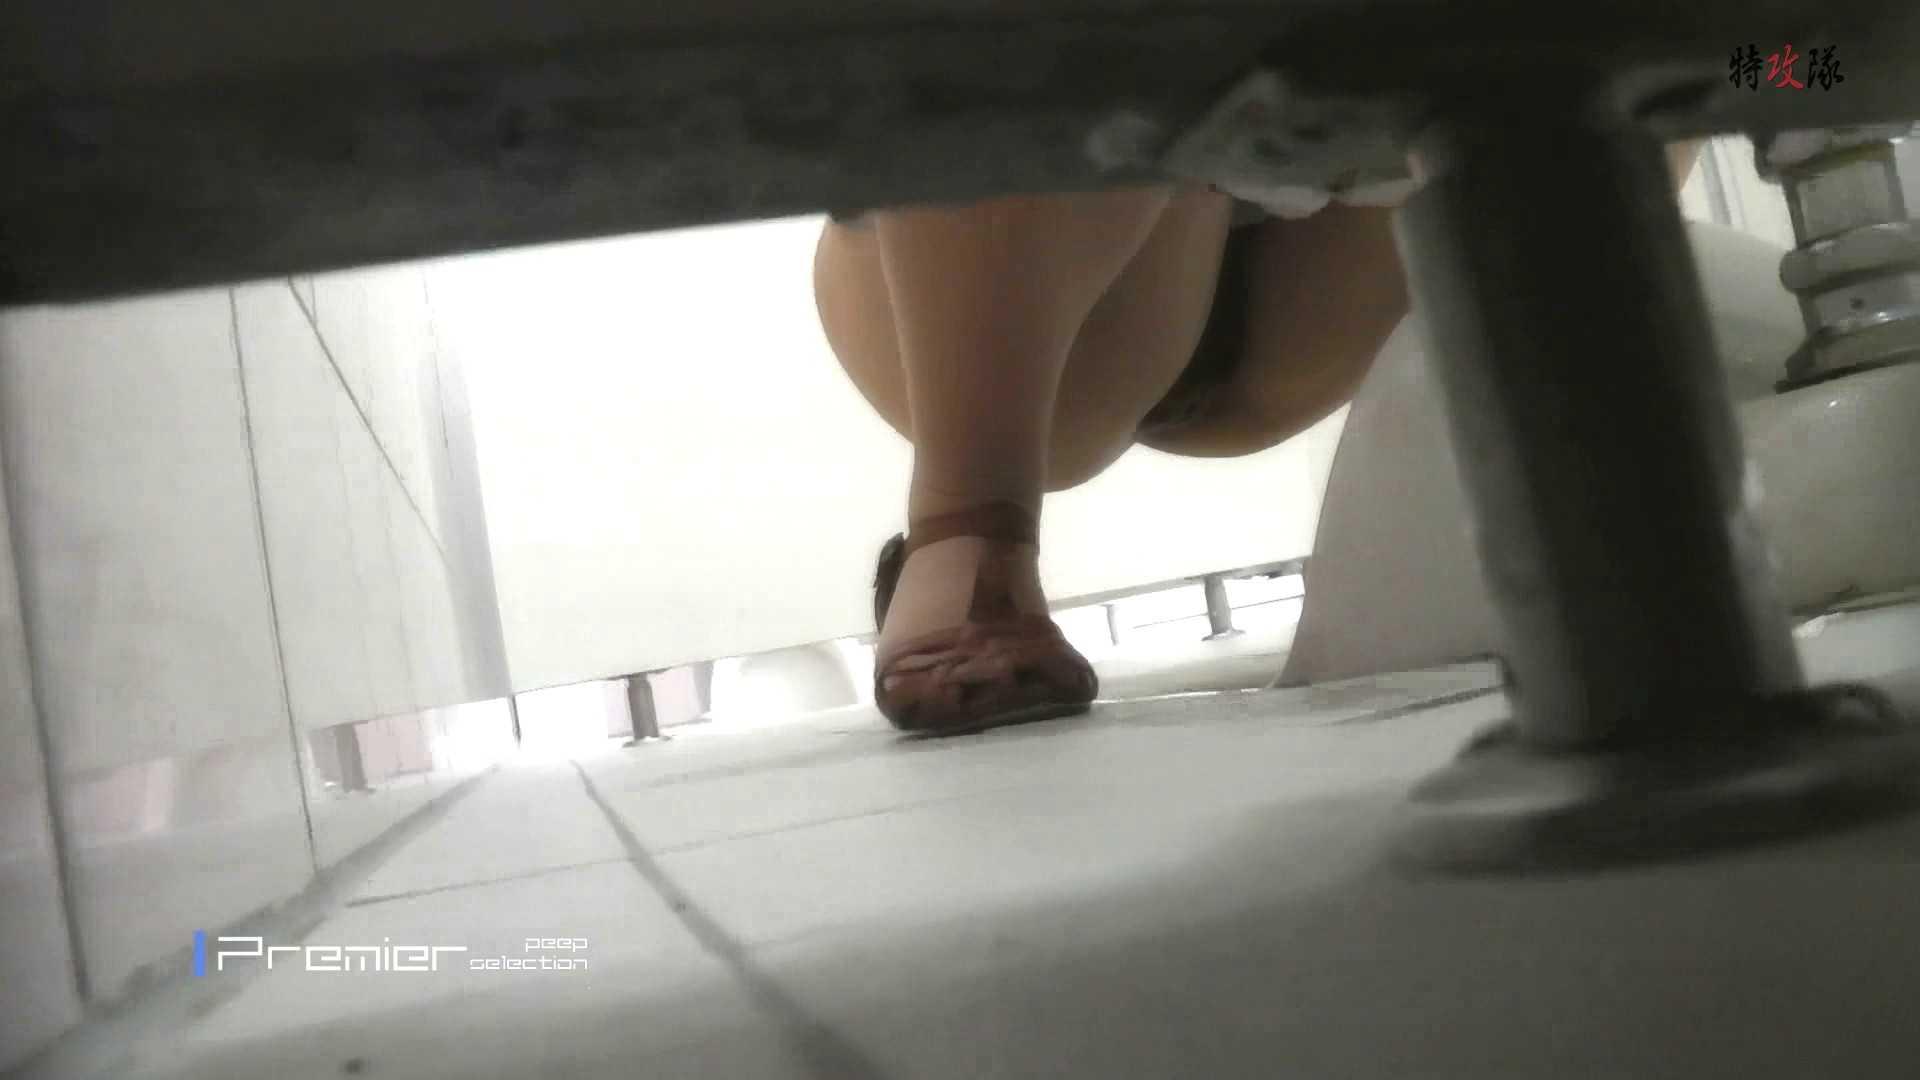 幻14 清楚系女子下半身はジャングル!!撮り師泣かせの密林 トイレ盗撮 盗撮で悶絶   ギャル攻め  48画像 21